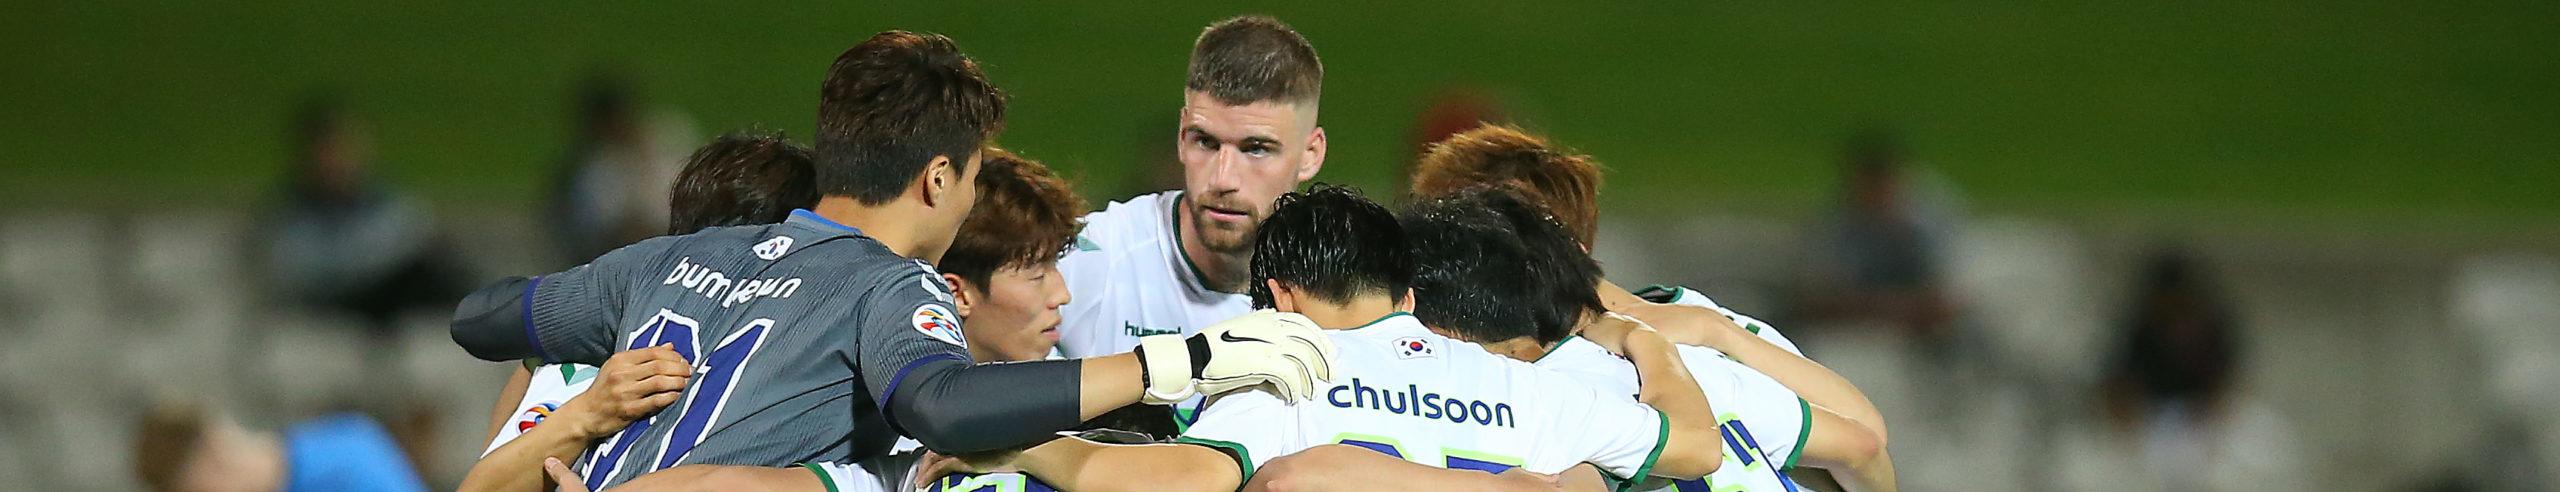 Come funziona la K League, il campionato di calcio in Corea del Sud: storia e curiosità